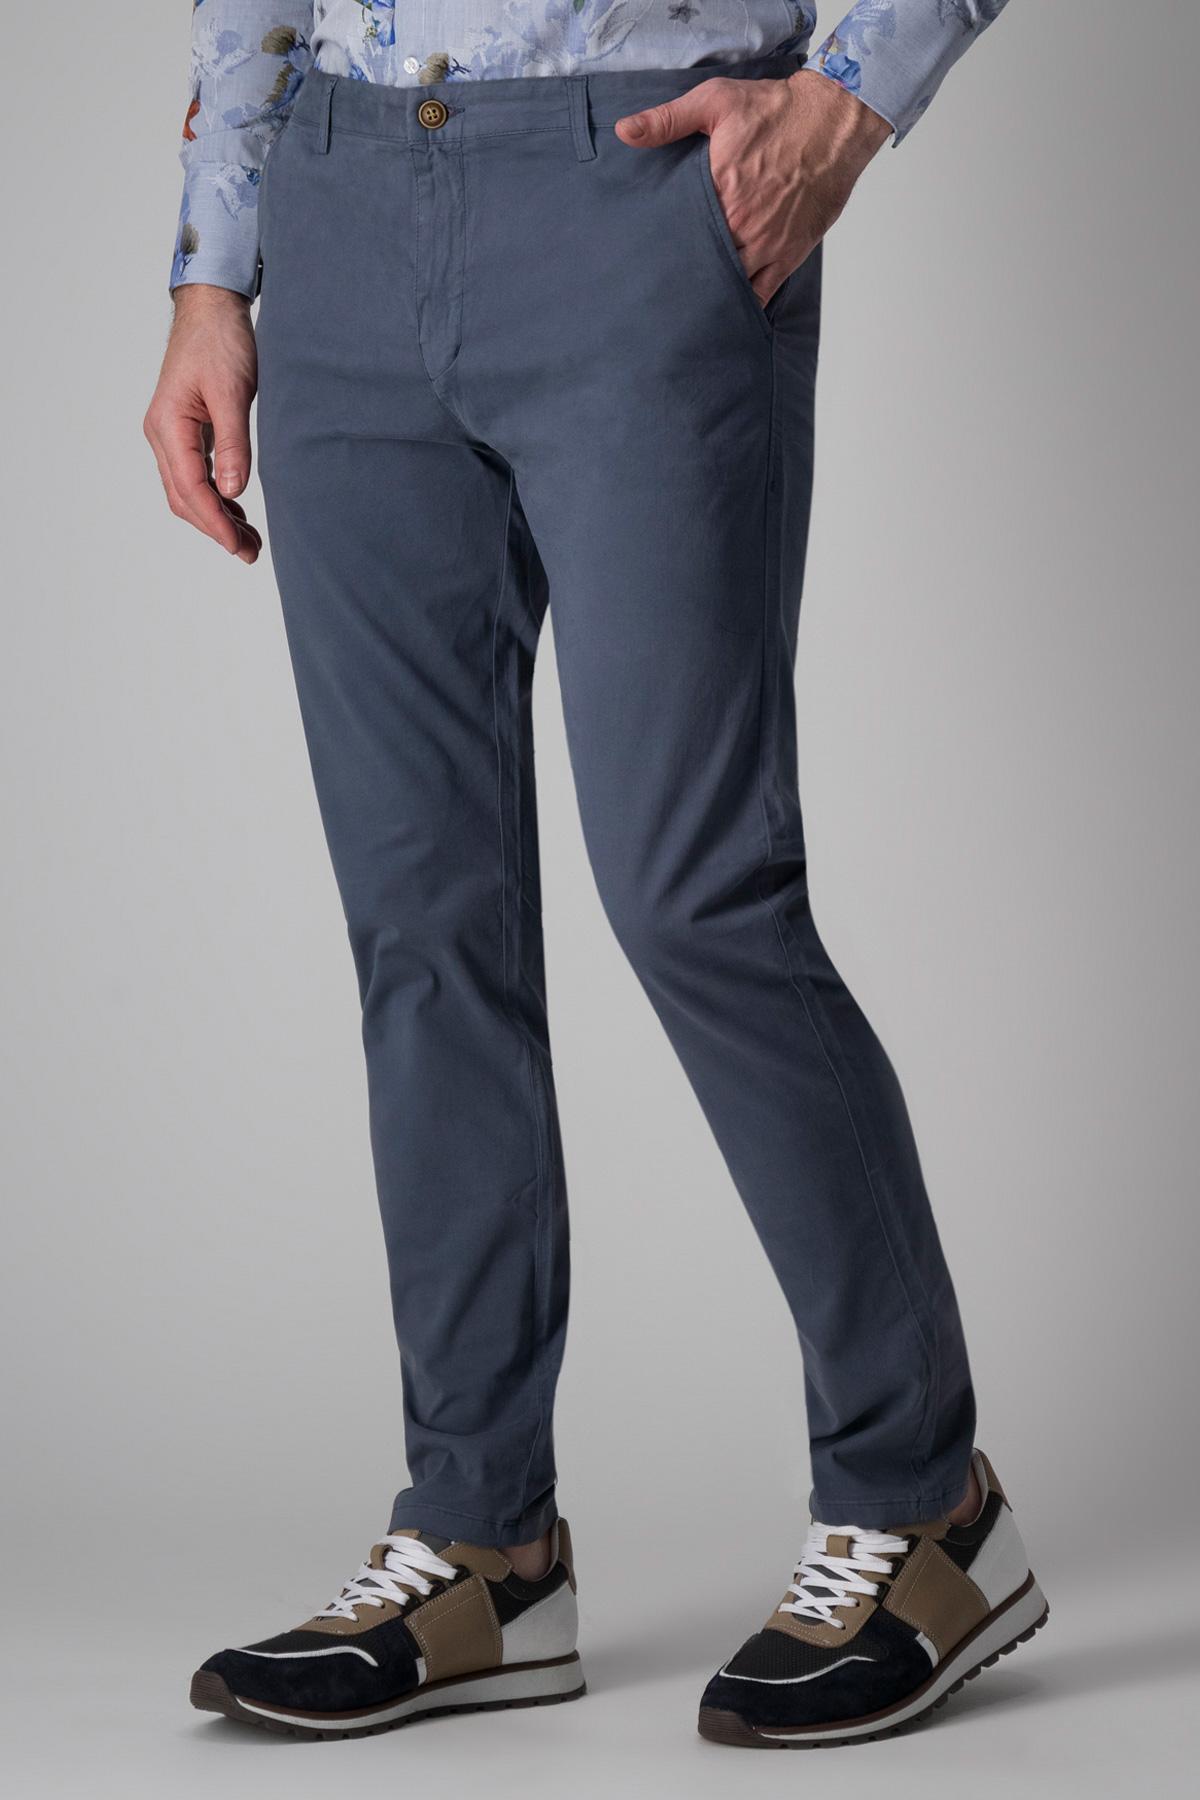 Pantalón Giorgio Valentino, modelo chino liso color azul medio.